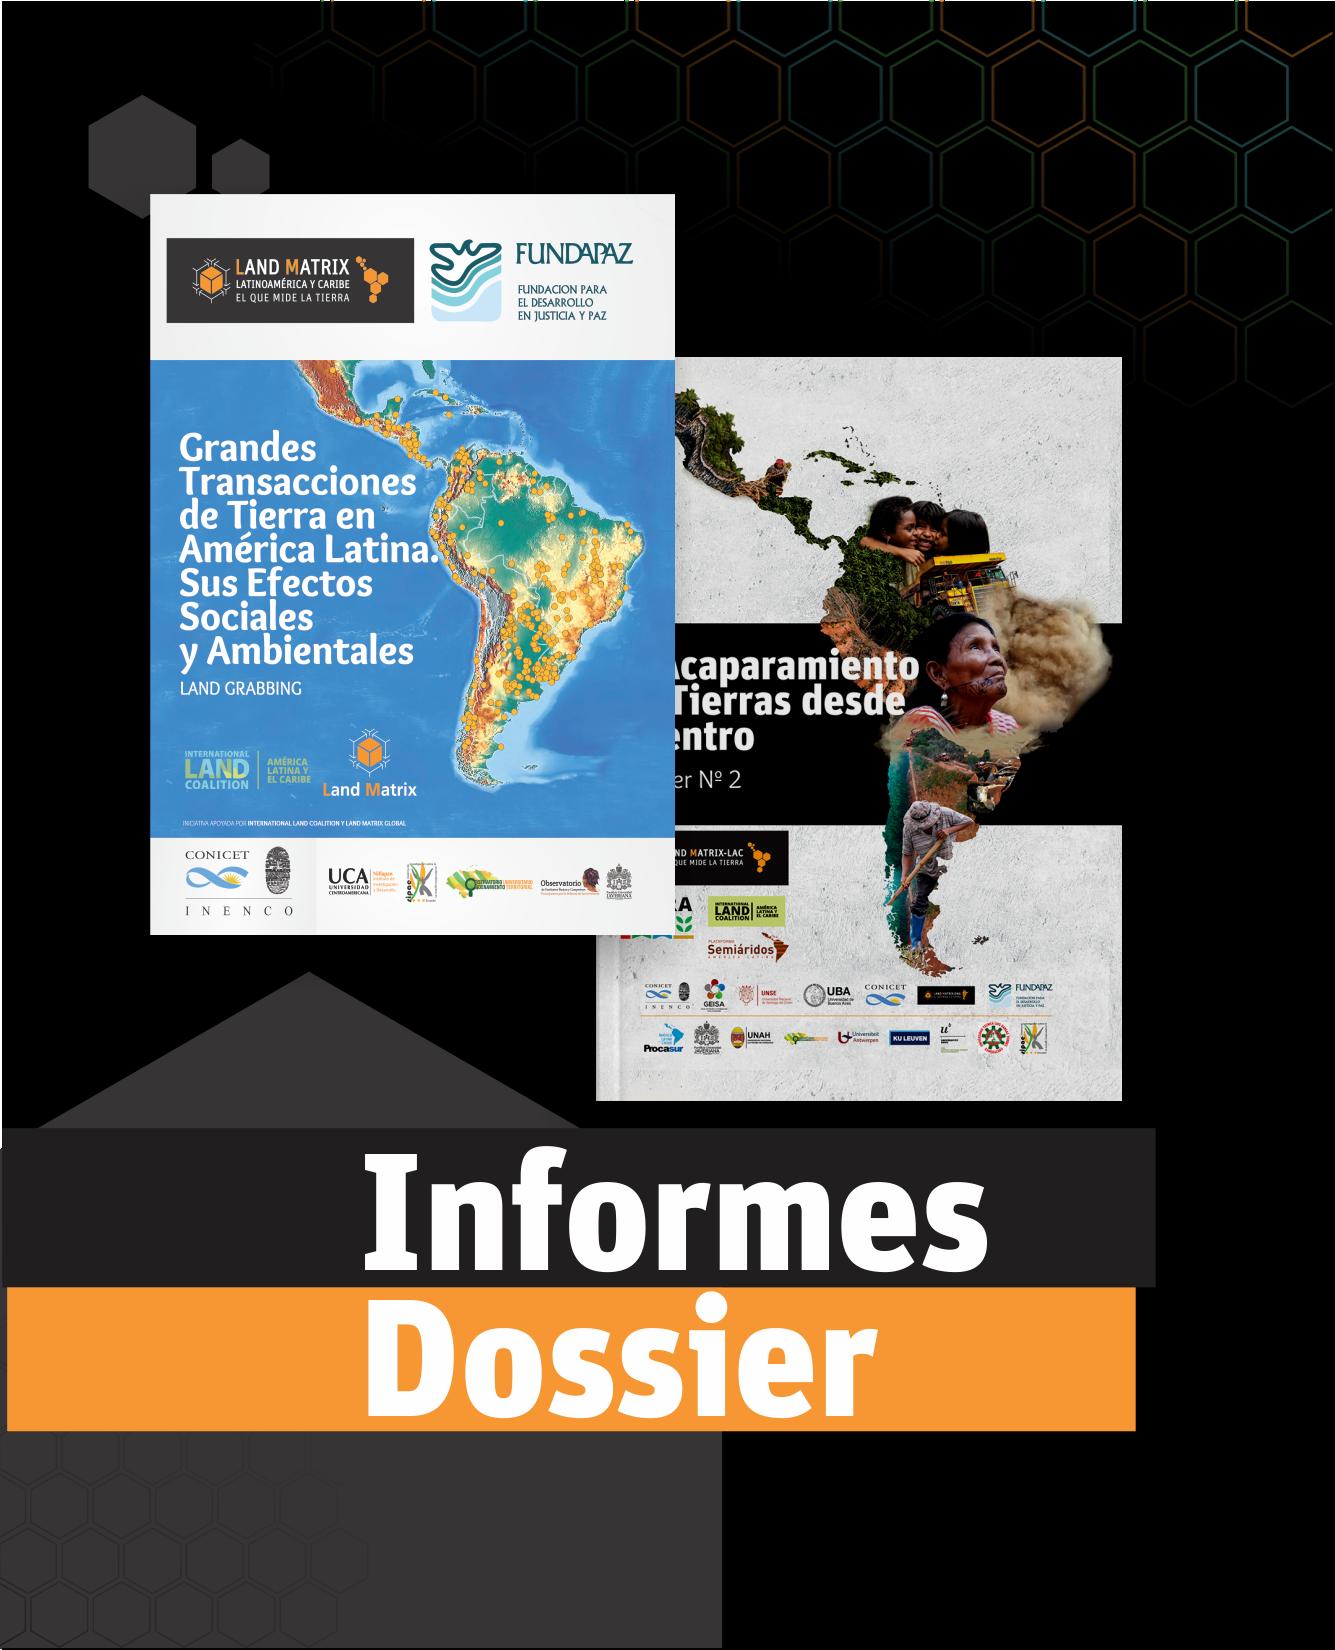 Informes Dossier